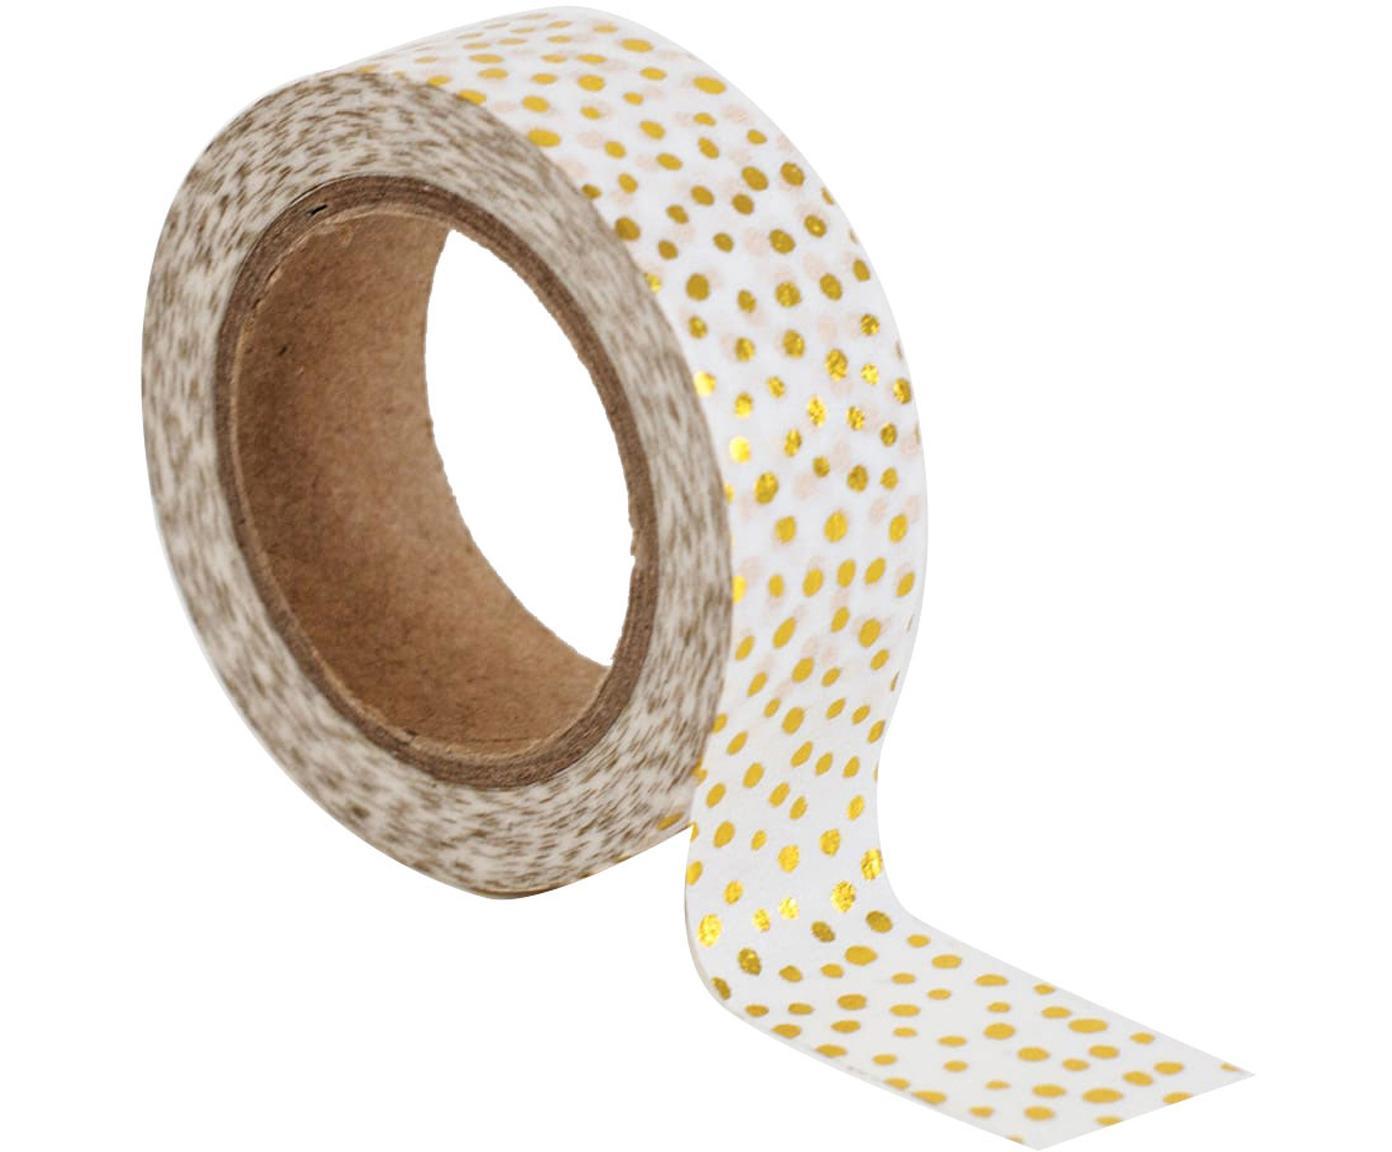 Klebebänder Dotty, 3 Stück, Kunststoff, Weiß, Goldfarben, L 1000 cm